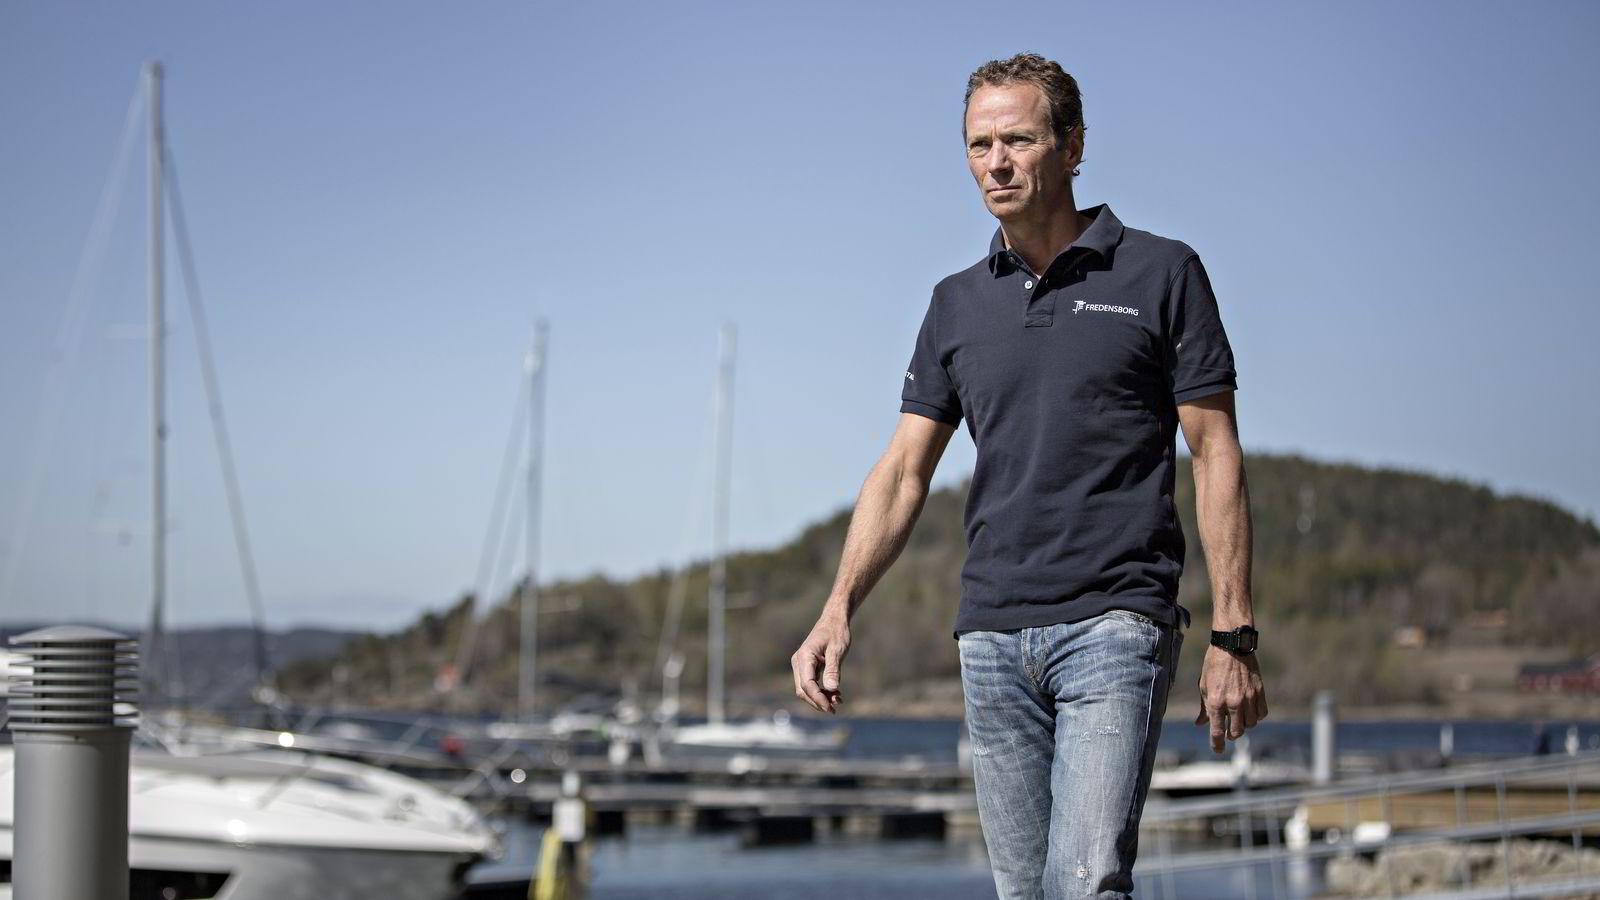 DELTE ERFARINGER. Eiendomsinvestor Ivar Tollefsen gjestet boligkonferanse på Quality Resort & Spa i Son. Foto: Aleksander Nordahl